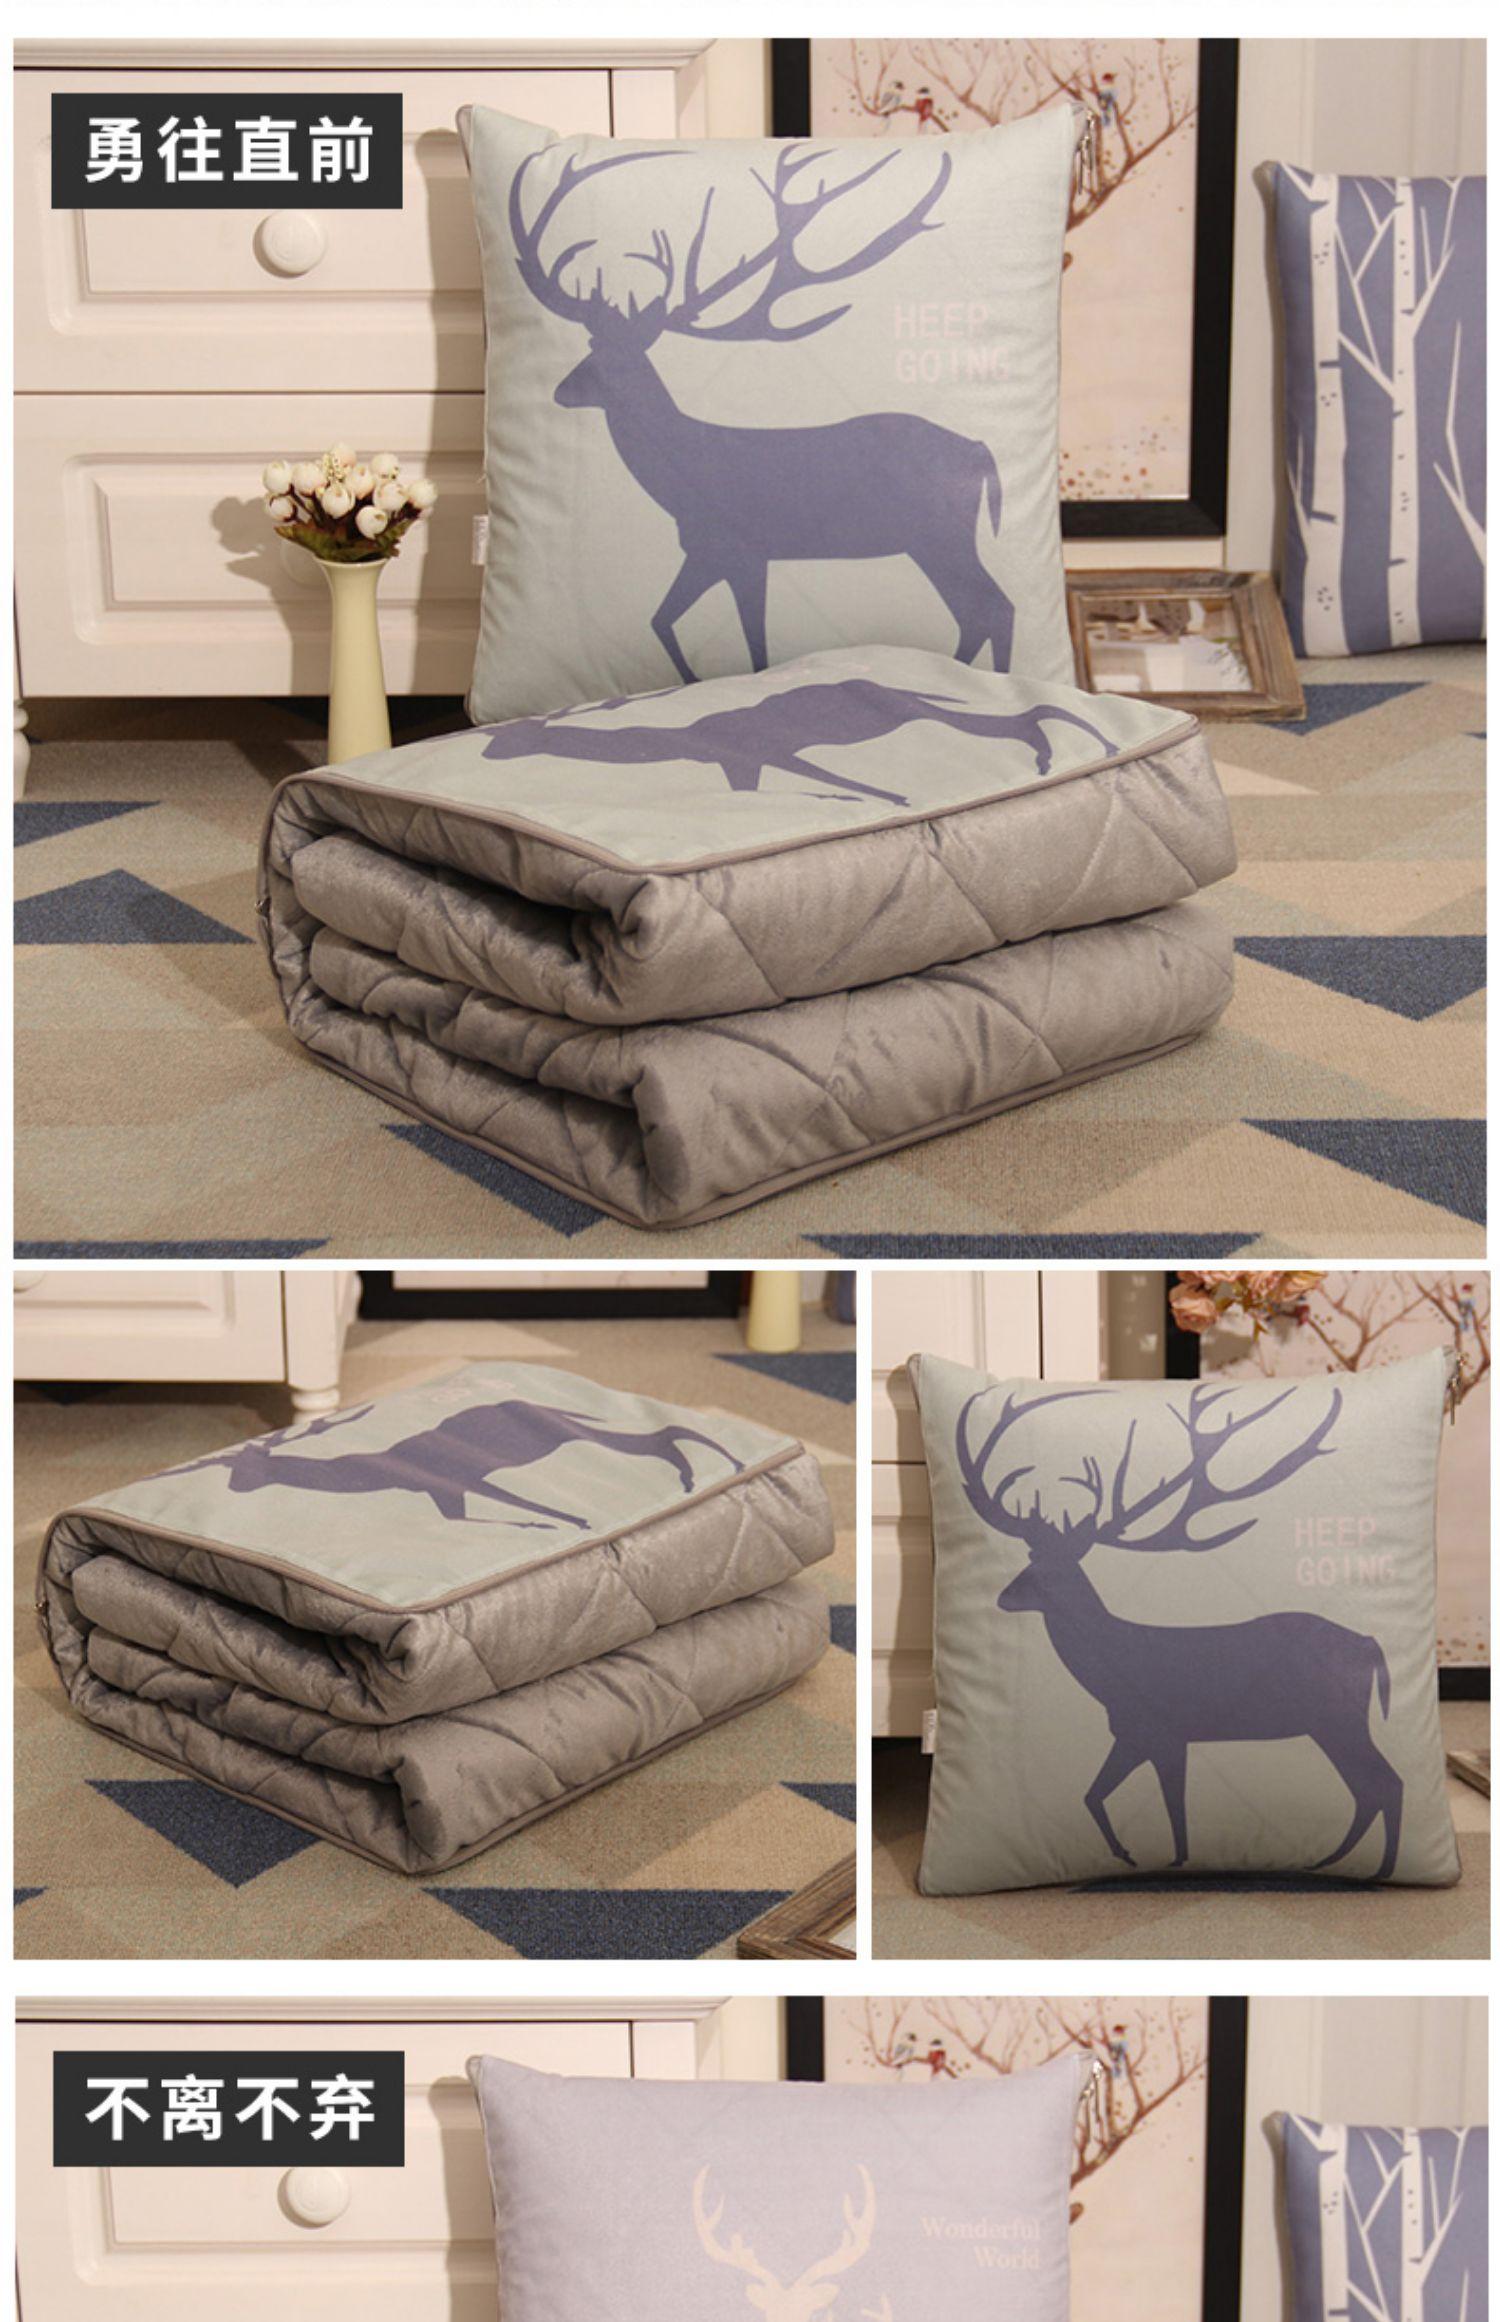 抱枕被子两用抱枕办公室靠枕沙发靠垫空调被汽车靠背小被子午睡毯商品详情图